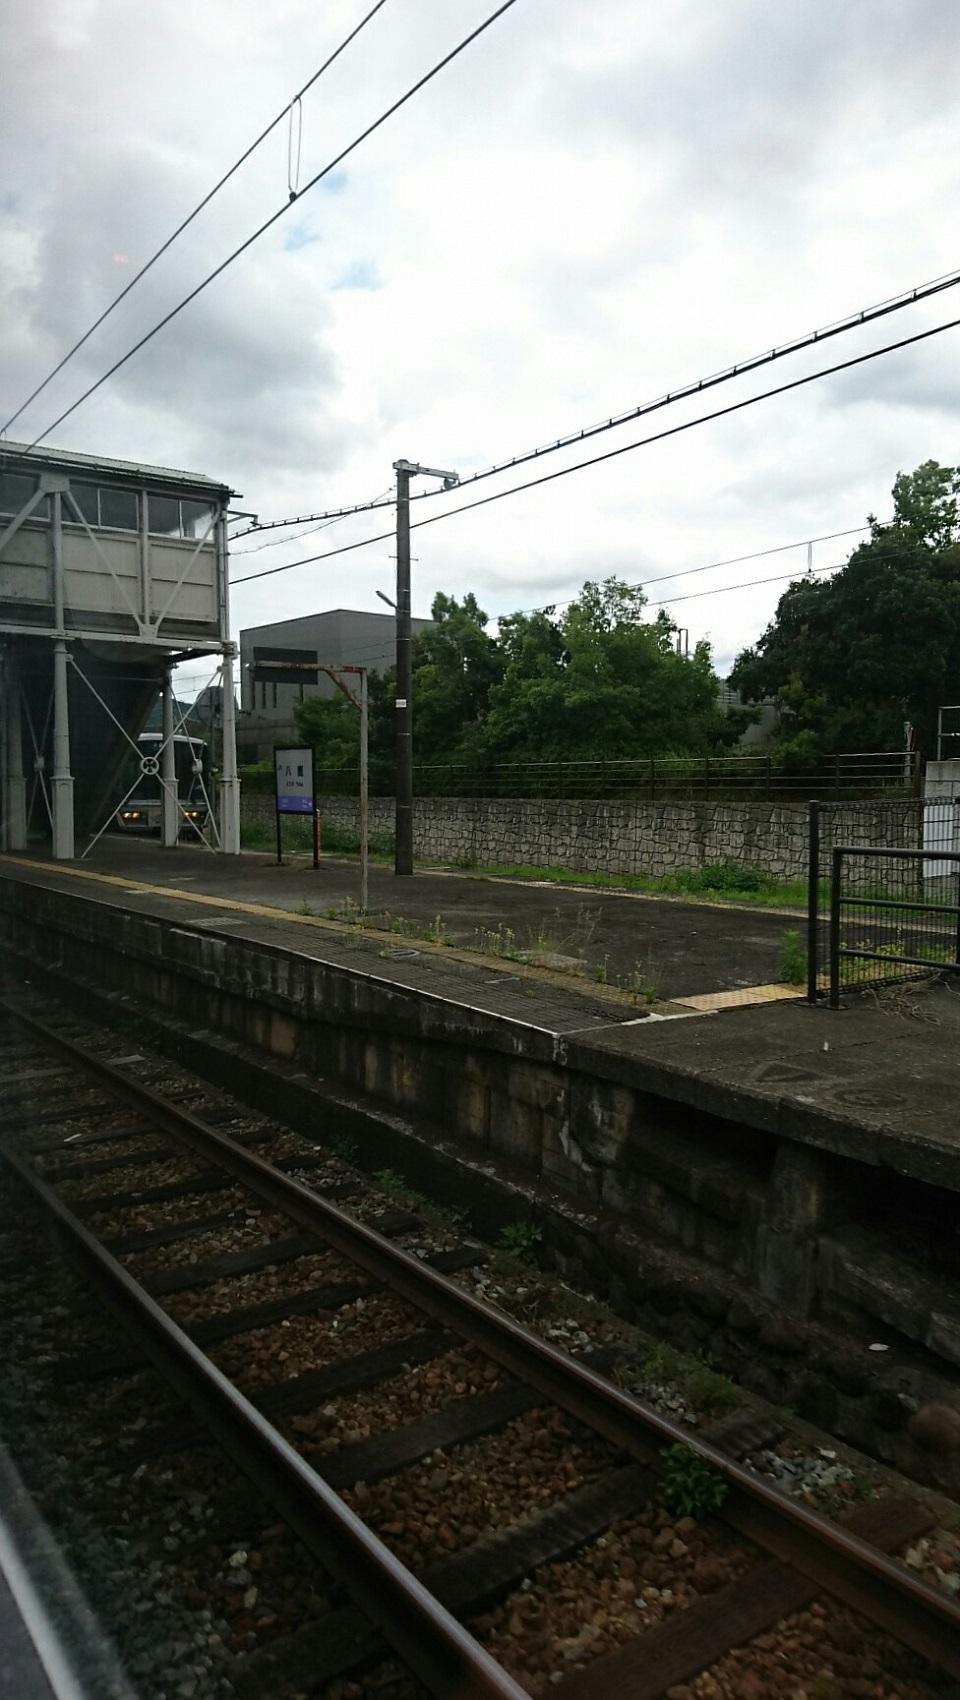 2017.6.3 豊岡 (53) こうのとり5号 - 八鹿 960-1700